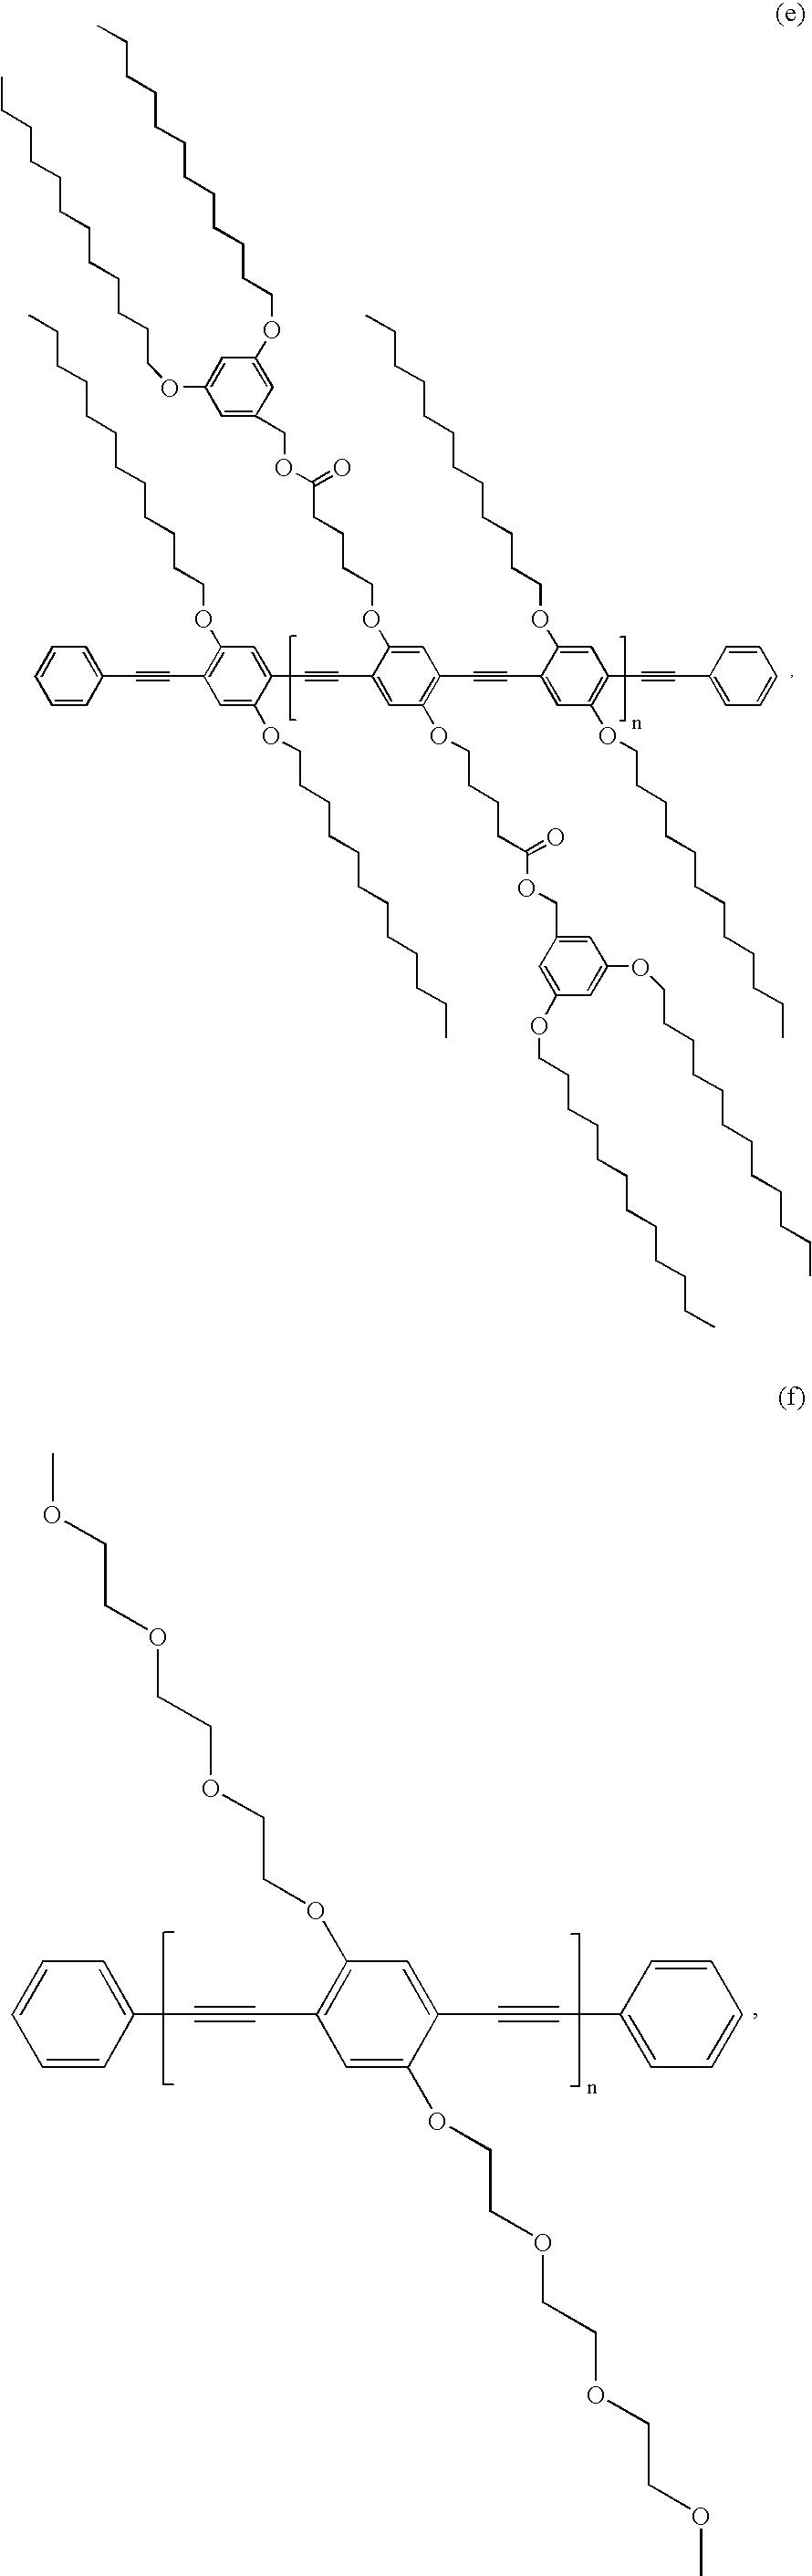 Figure US07479516-20090120-C00066